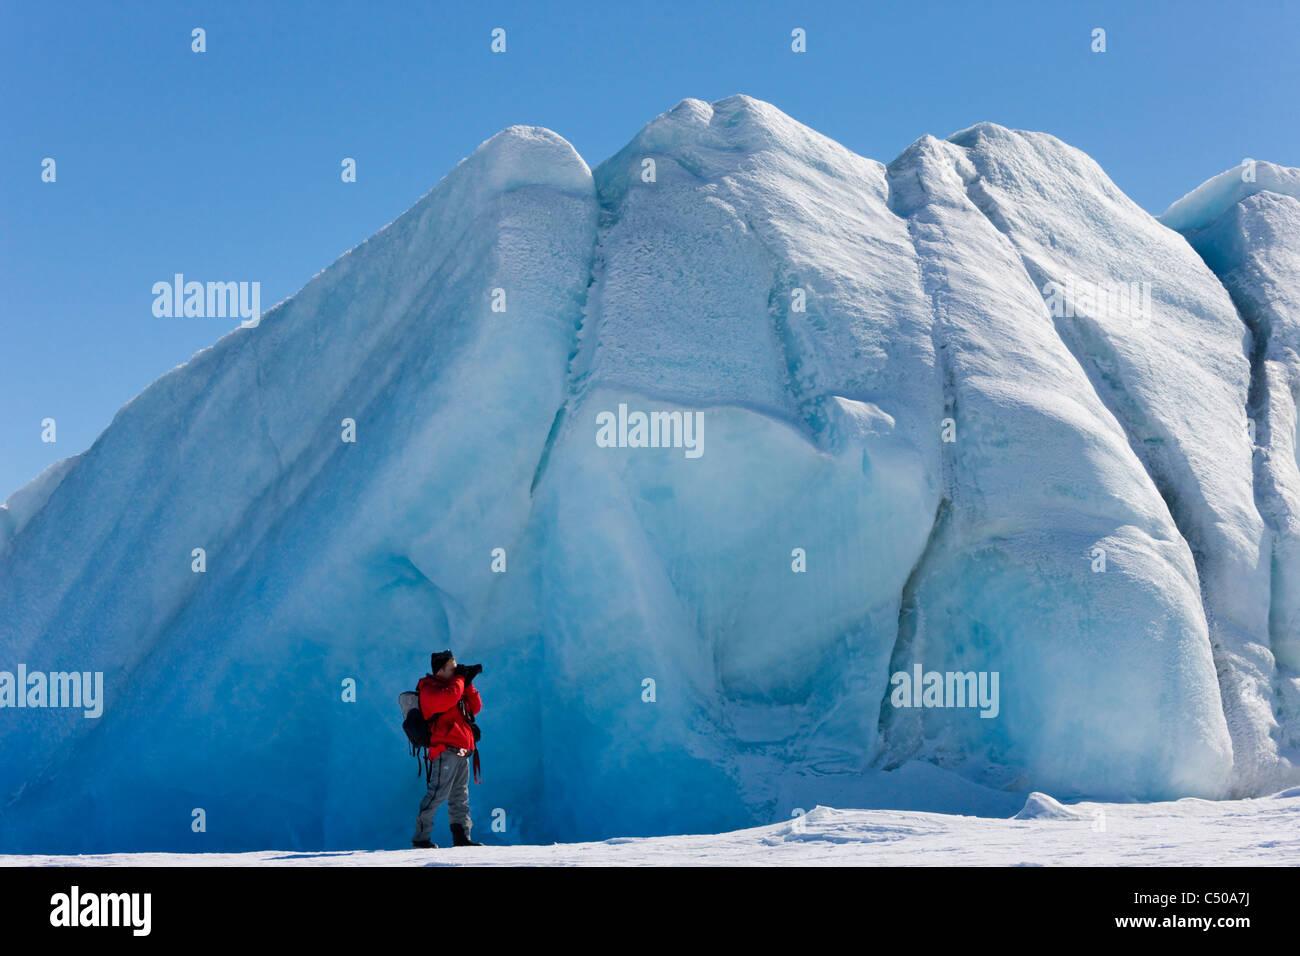 Turista fotografiando iceberg, la isla Snow Hill, la Antártida Imagen De Stock